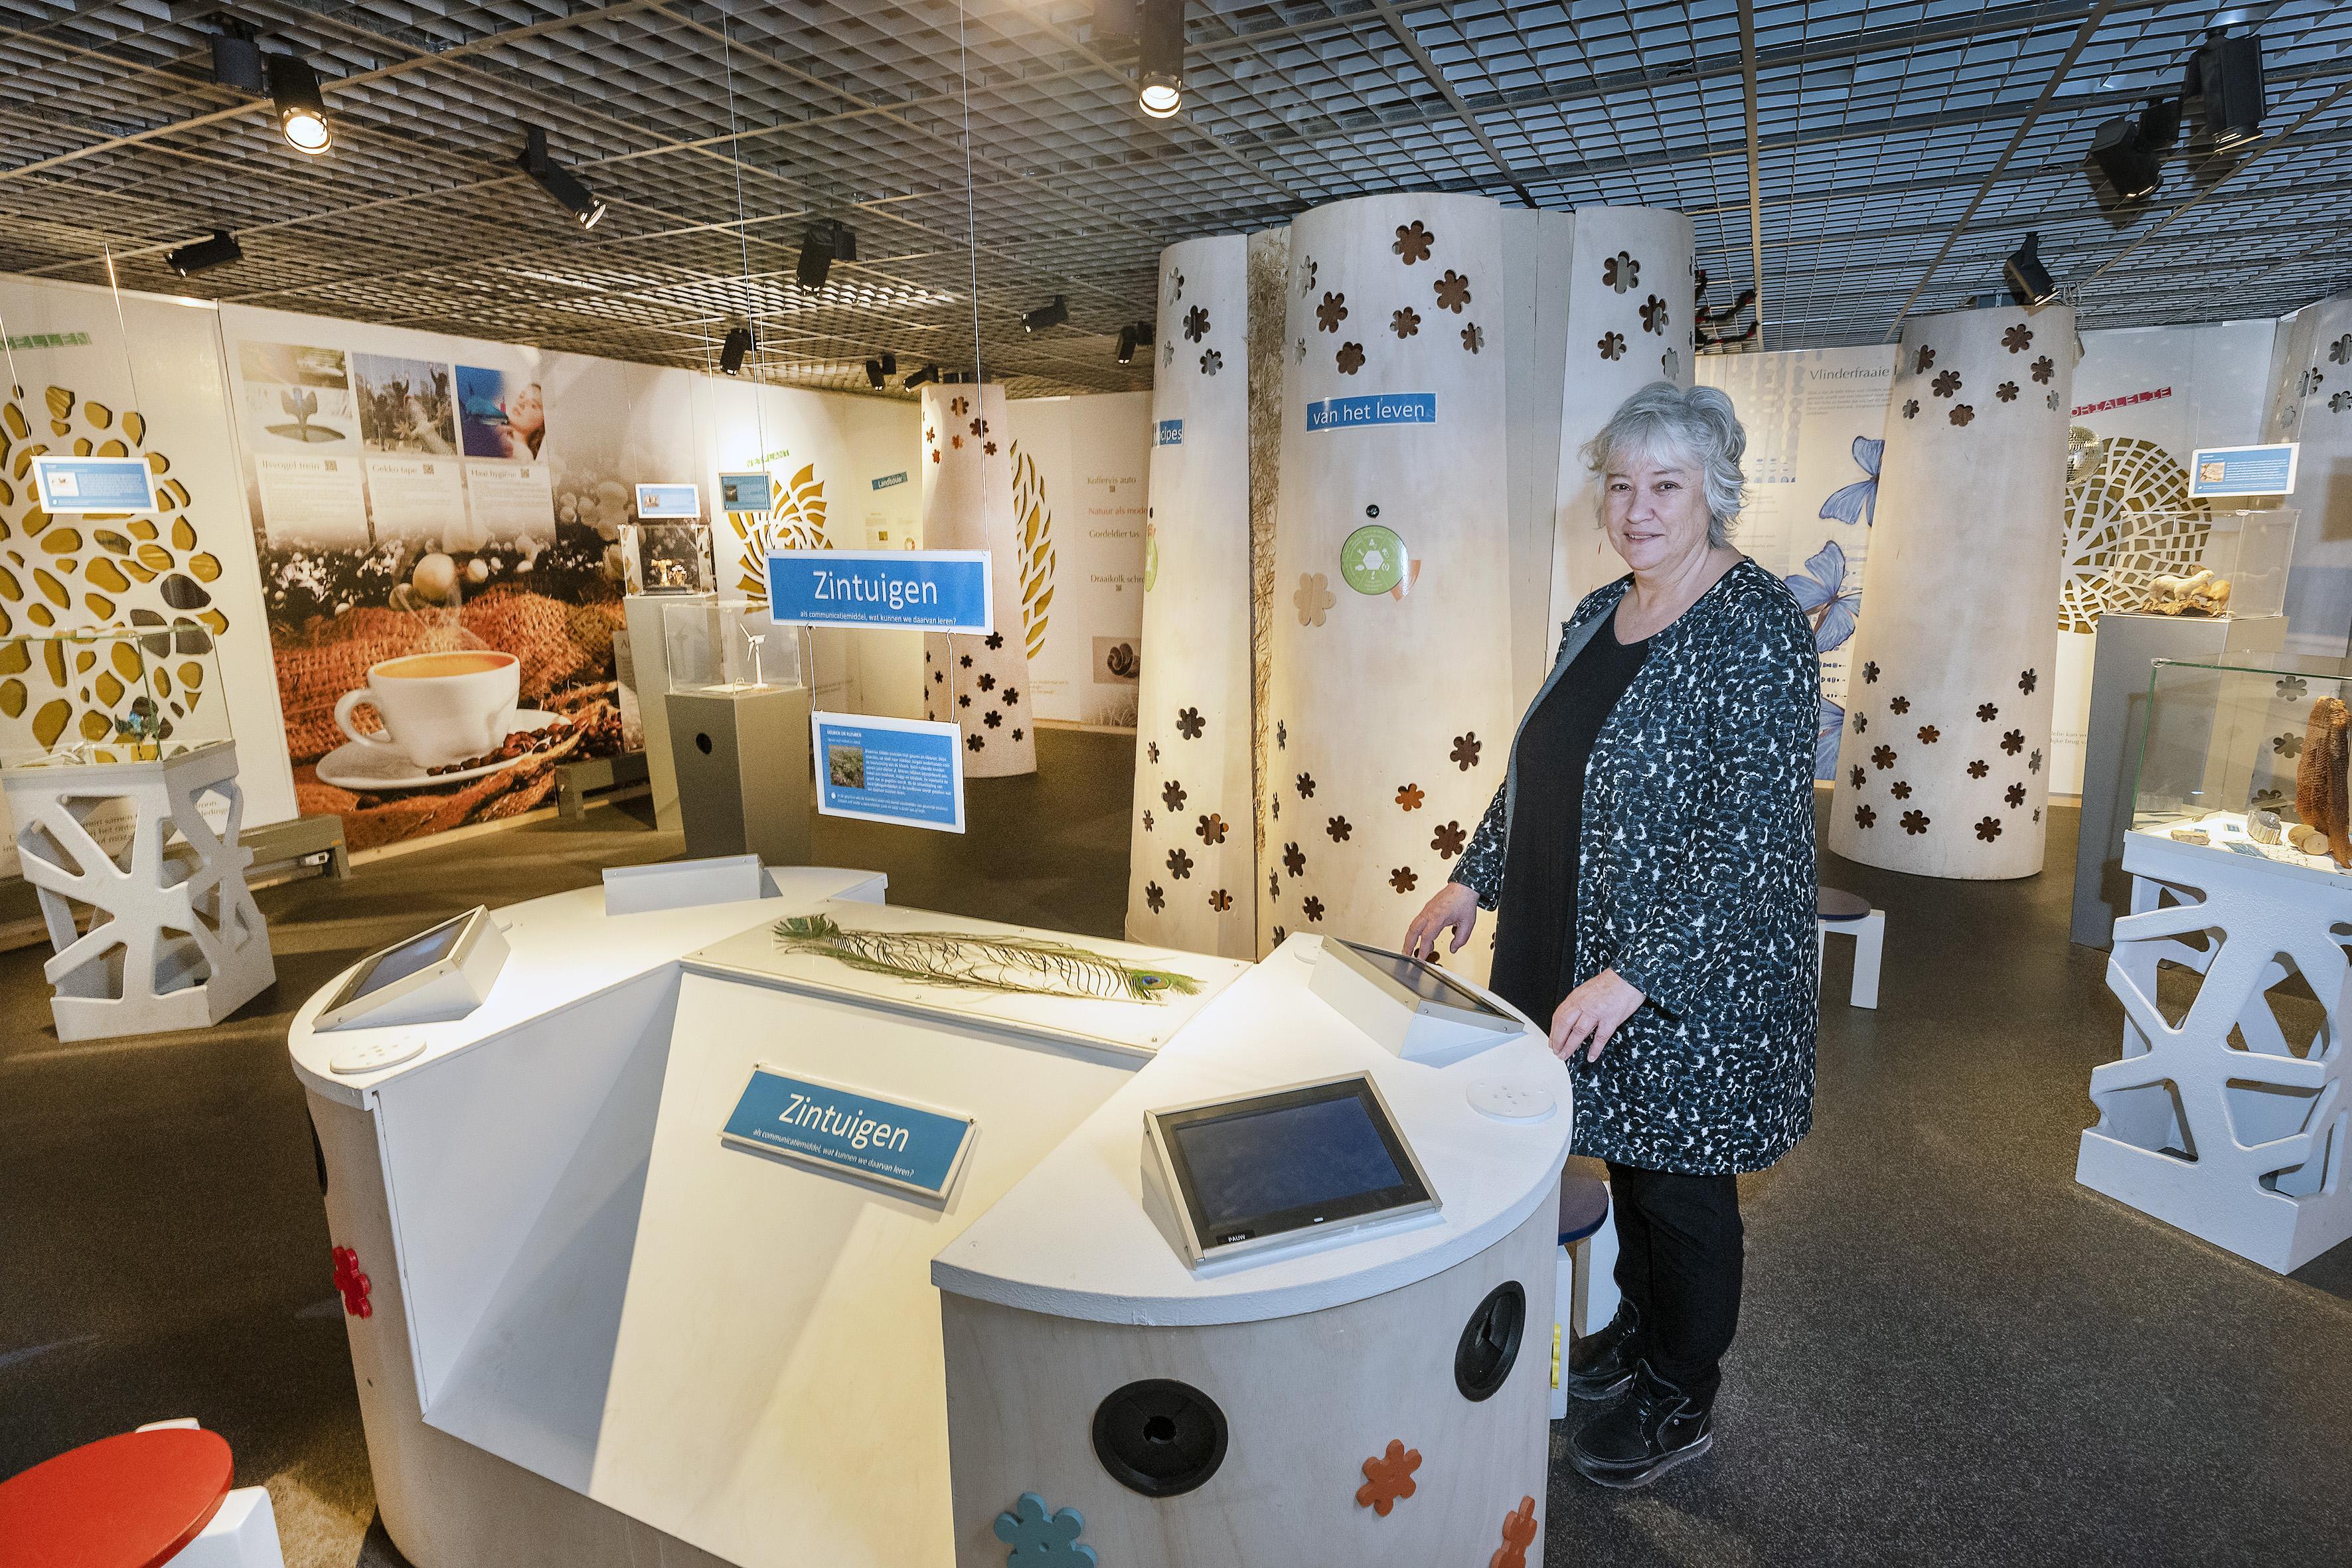 Tentoonstelling 'Spieken' in Boerderij Zorgvrij over biomimicry: van geruisloos vliegende uil tot kartels op de wieken van een windmolen